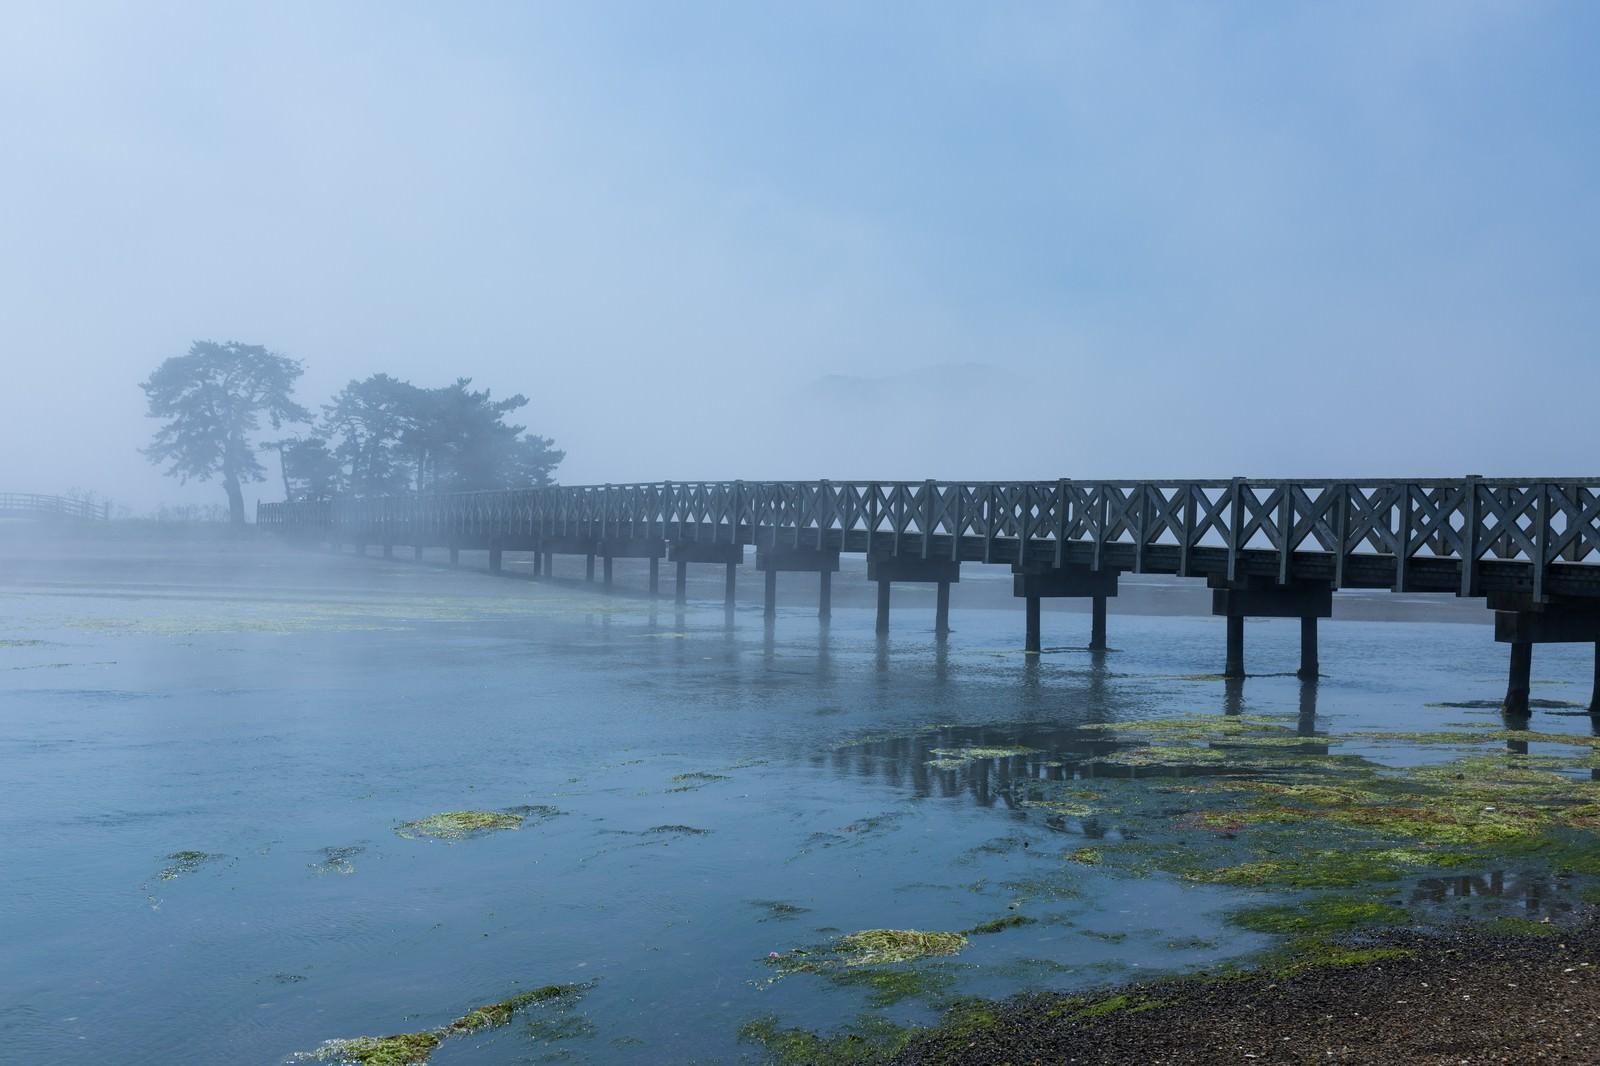 「海霧に包まれる渡り橋」の写真